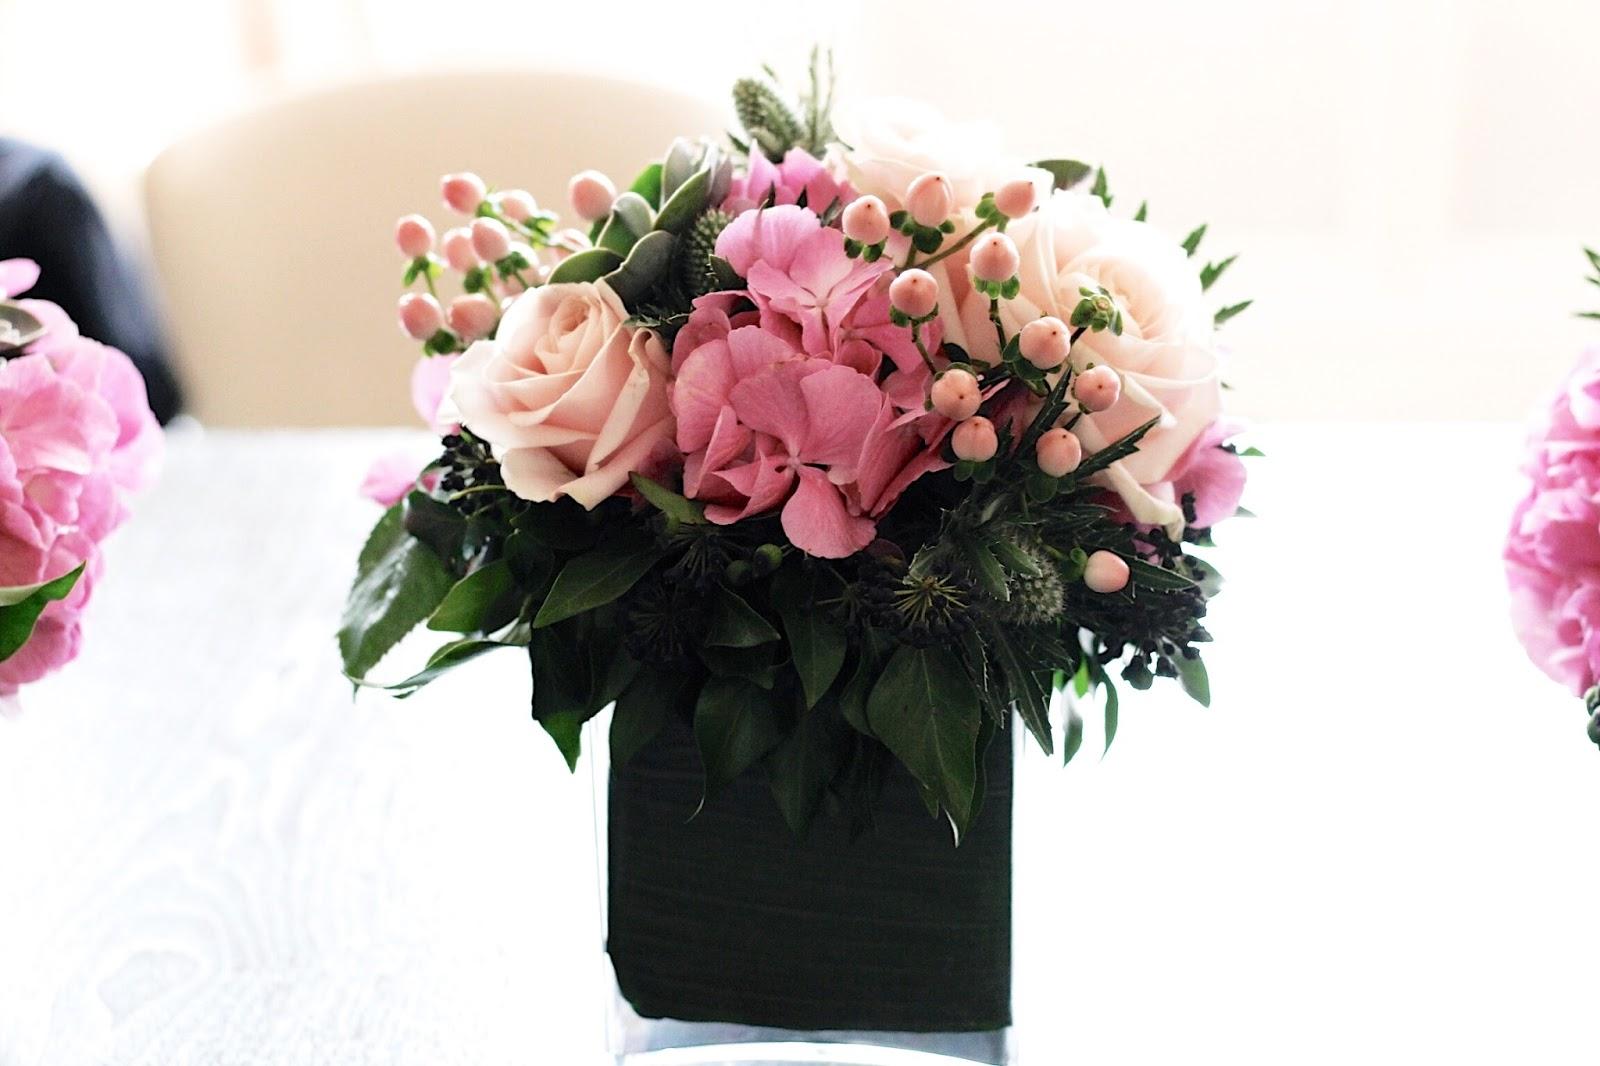 Pink floral centrepiece for informal dinnner